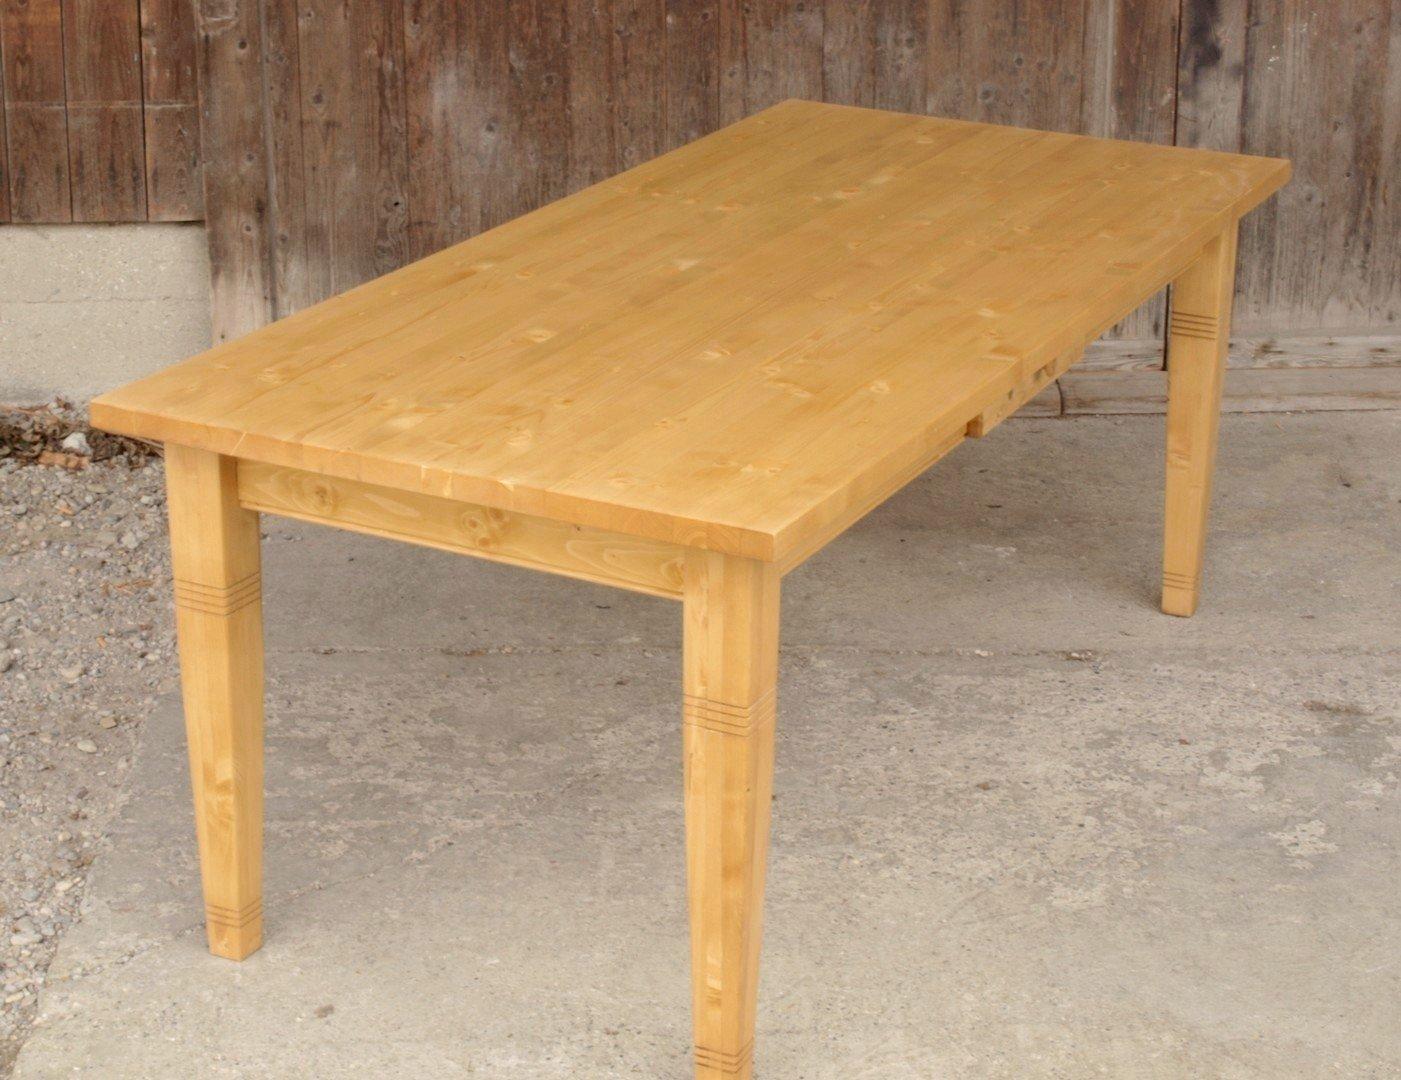 kti200q esstisch tisch massivholz fichte 200 x 95 cm nachbau alte antike bauernm bel. Black Bedroom Furniture Sets. Home Design Ideas